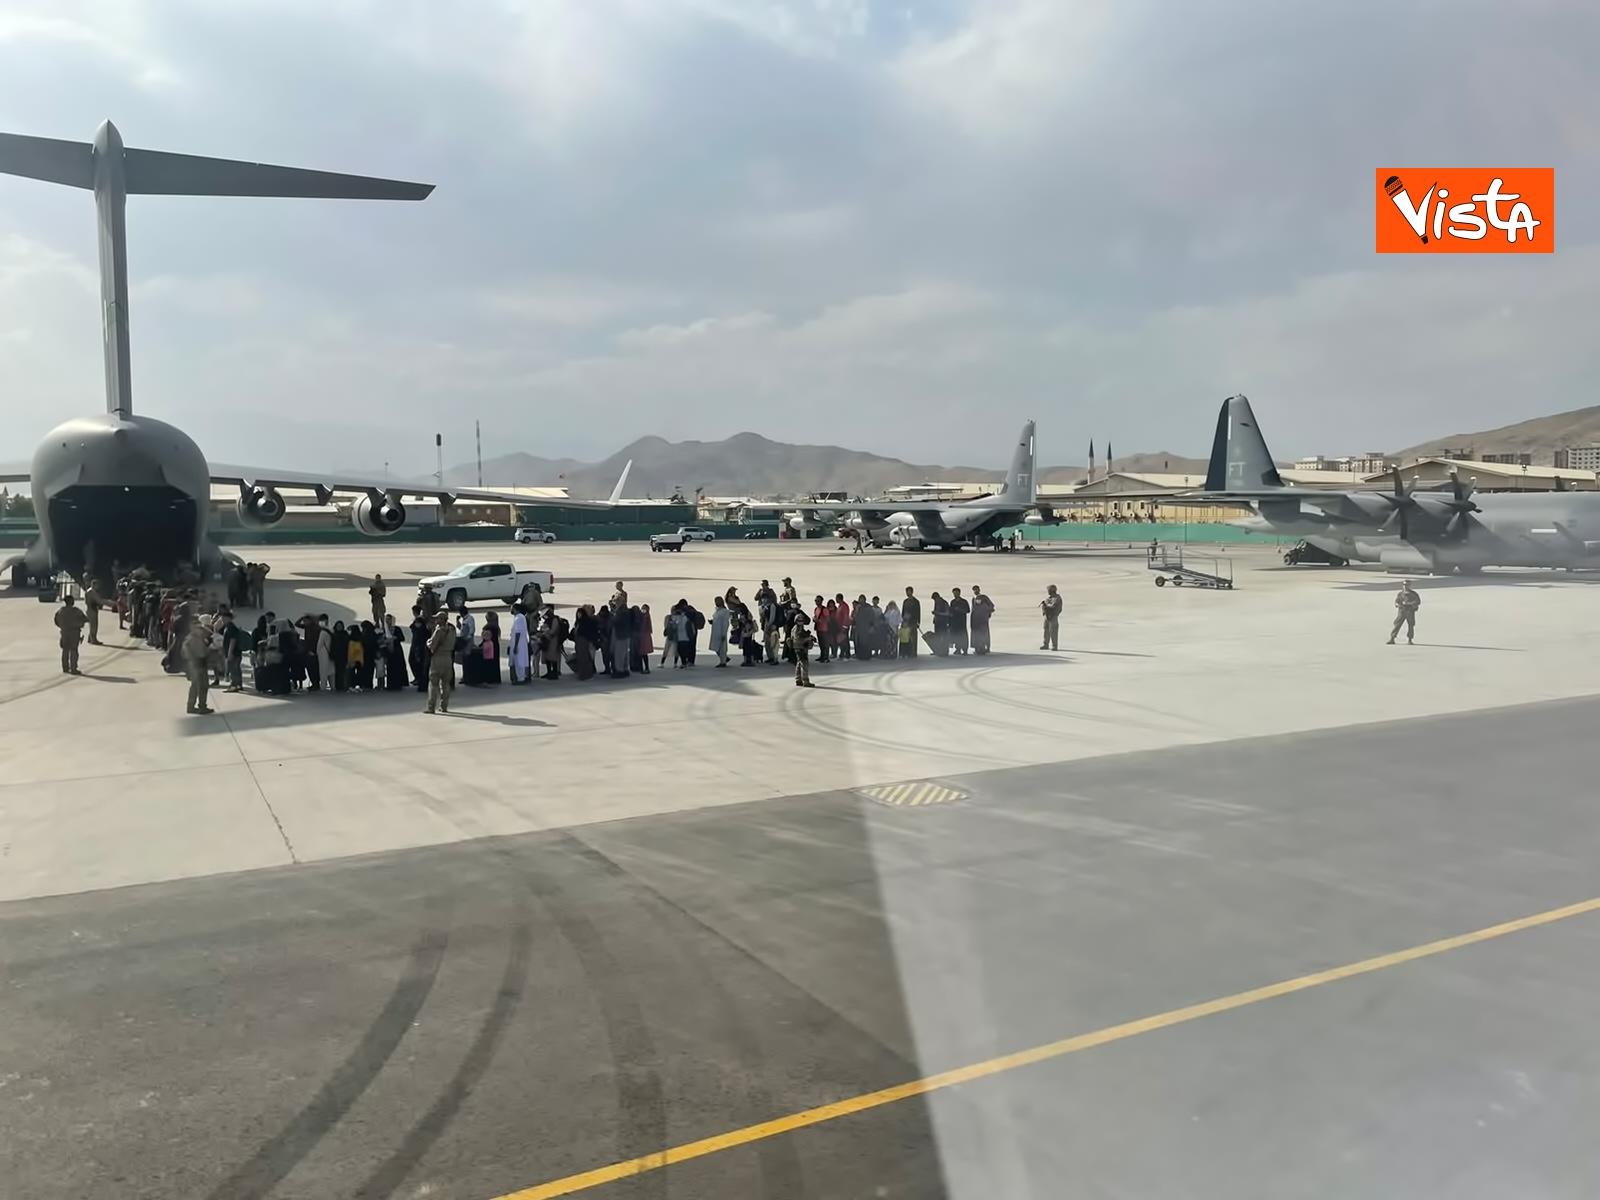 27-08-21 Finisce il ponte aereo Roma Kabul,_03. la chiusura del portellone